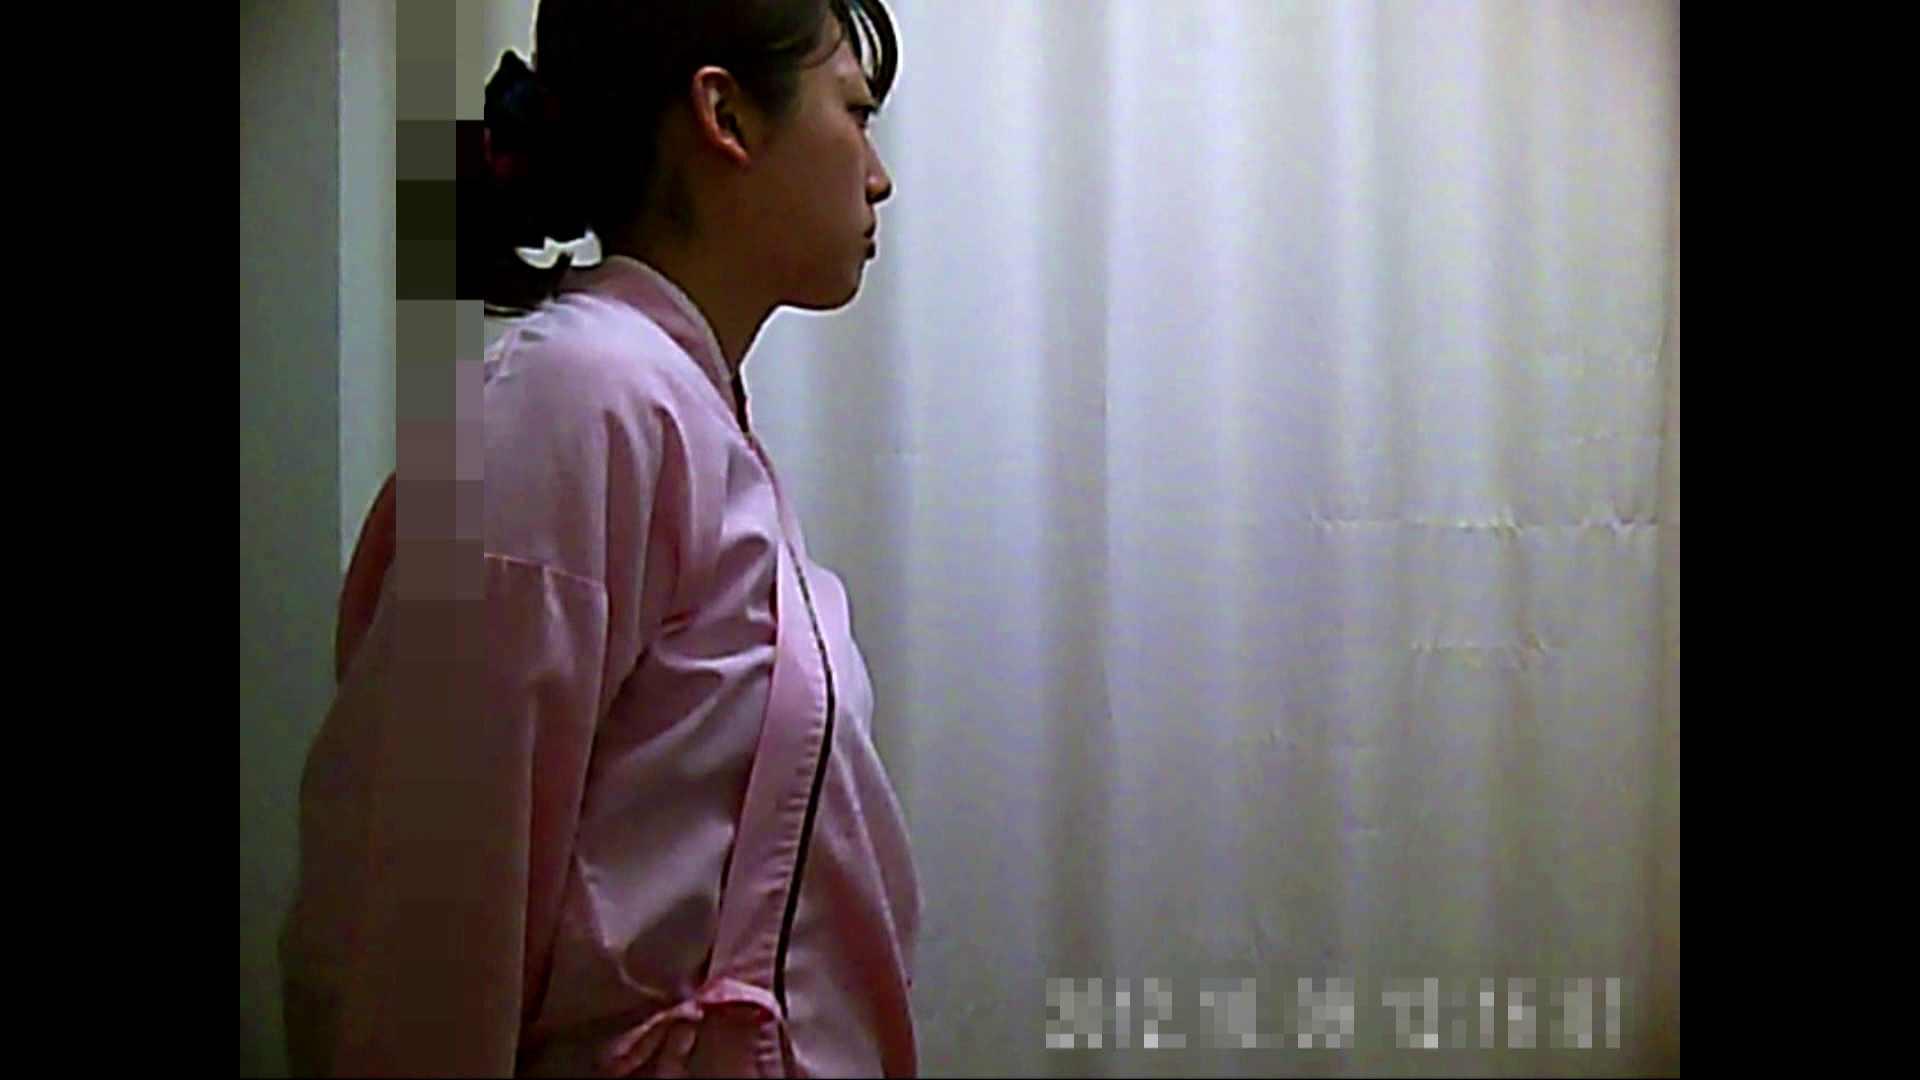 元医者による反抗 更衣室地獄絵巻 vol.066 OLの実態   0  104pic 75